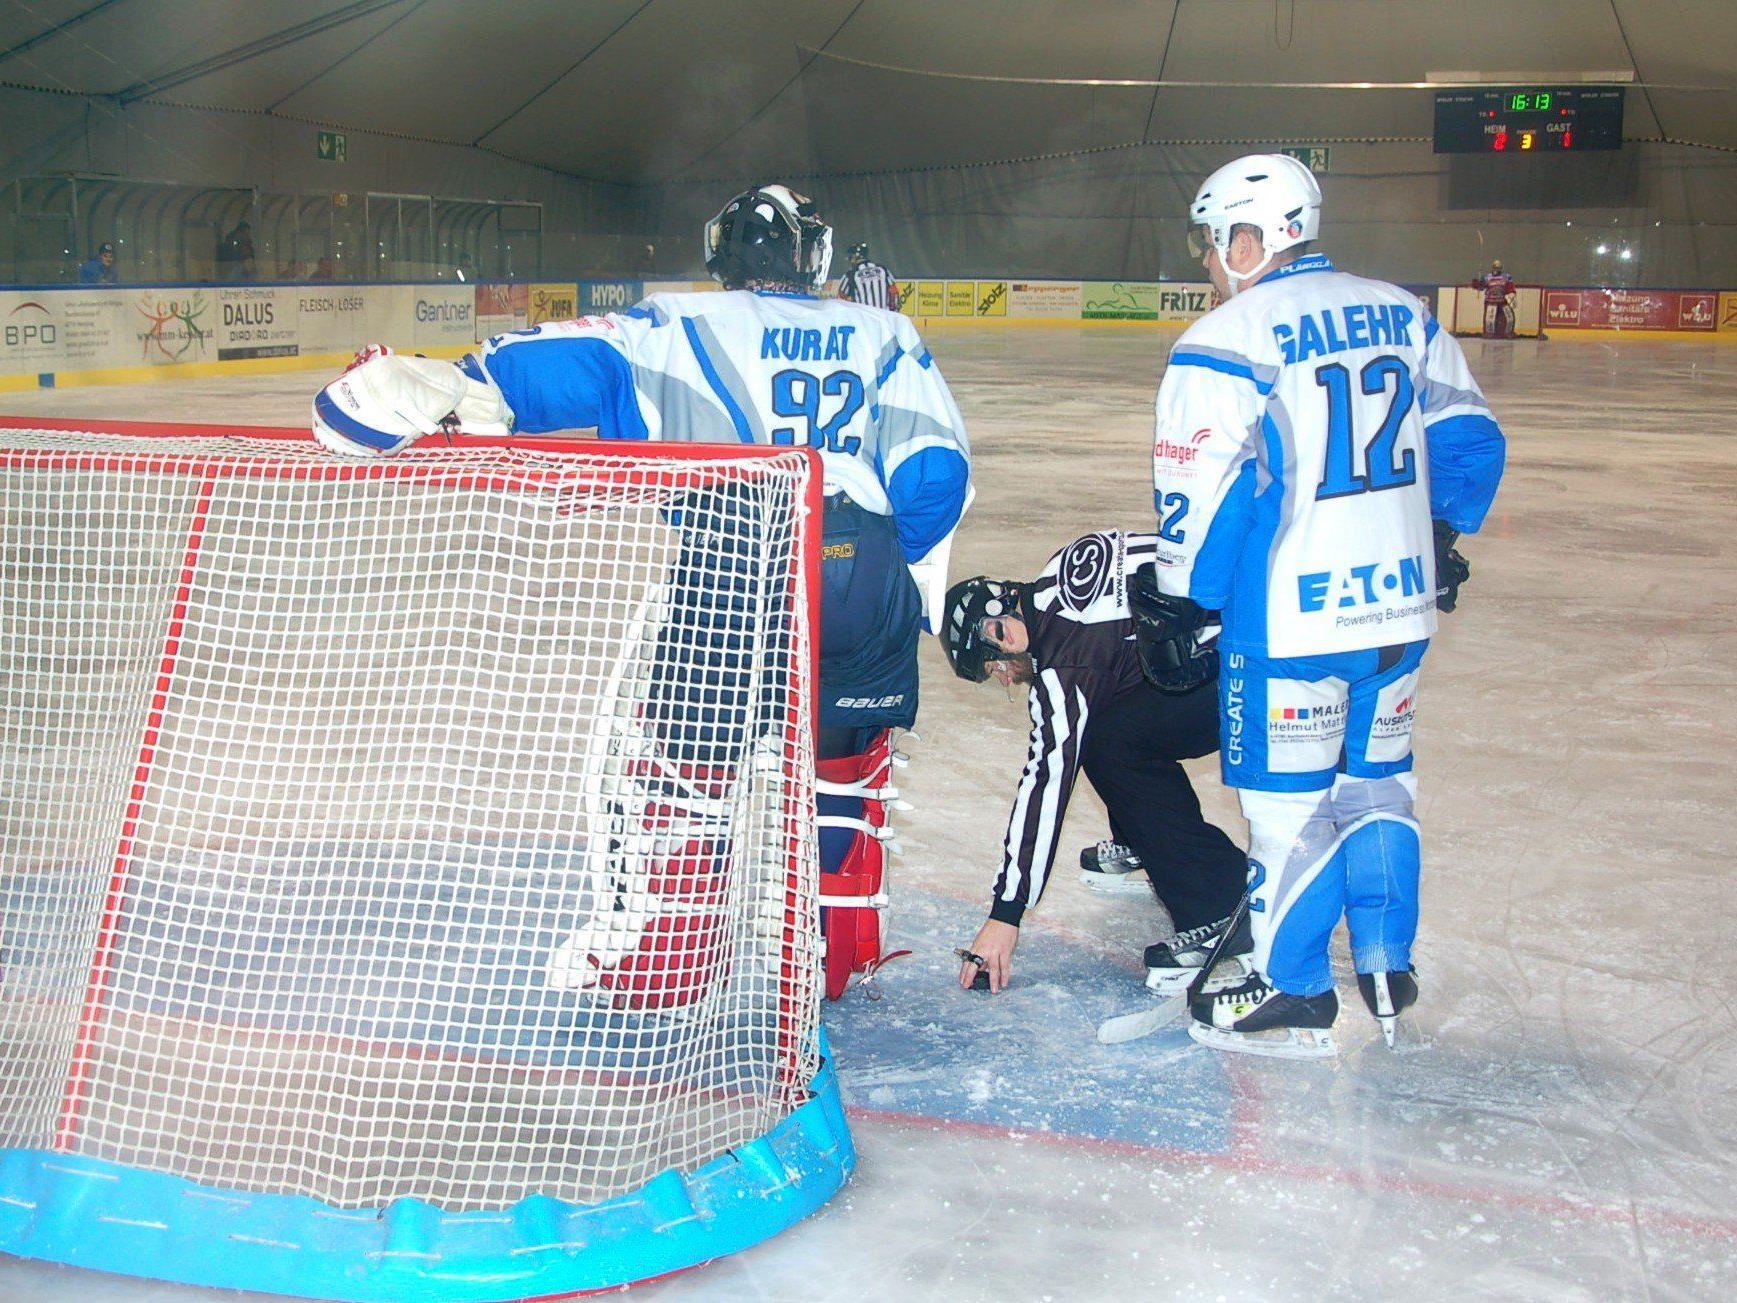 Montafon-Goalie Thomas Kurat spielte eine solide Partie.